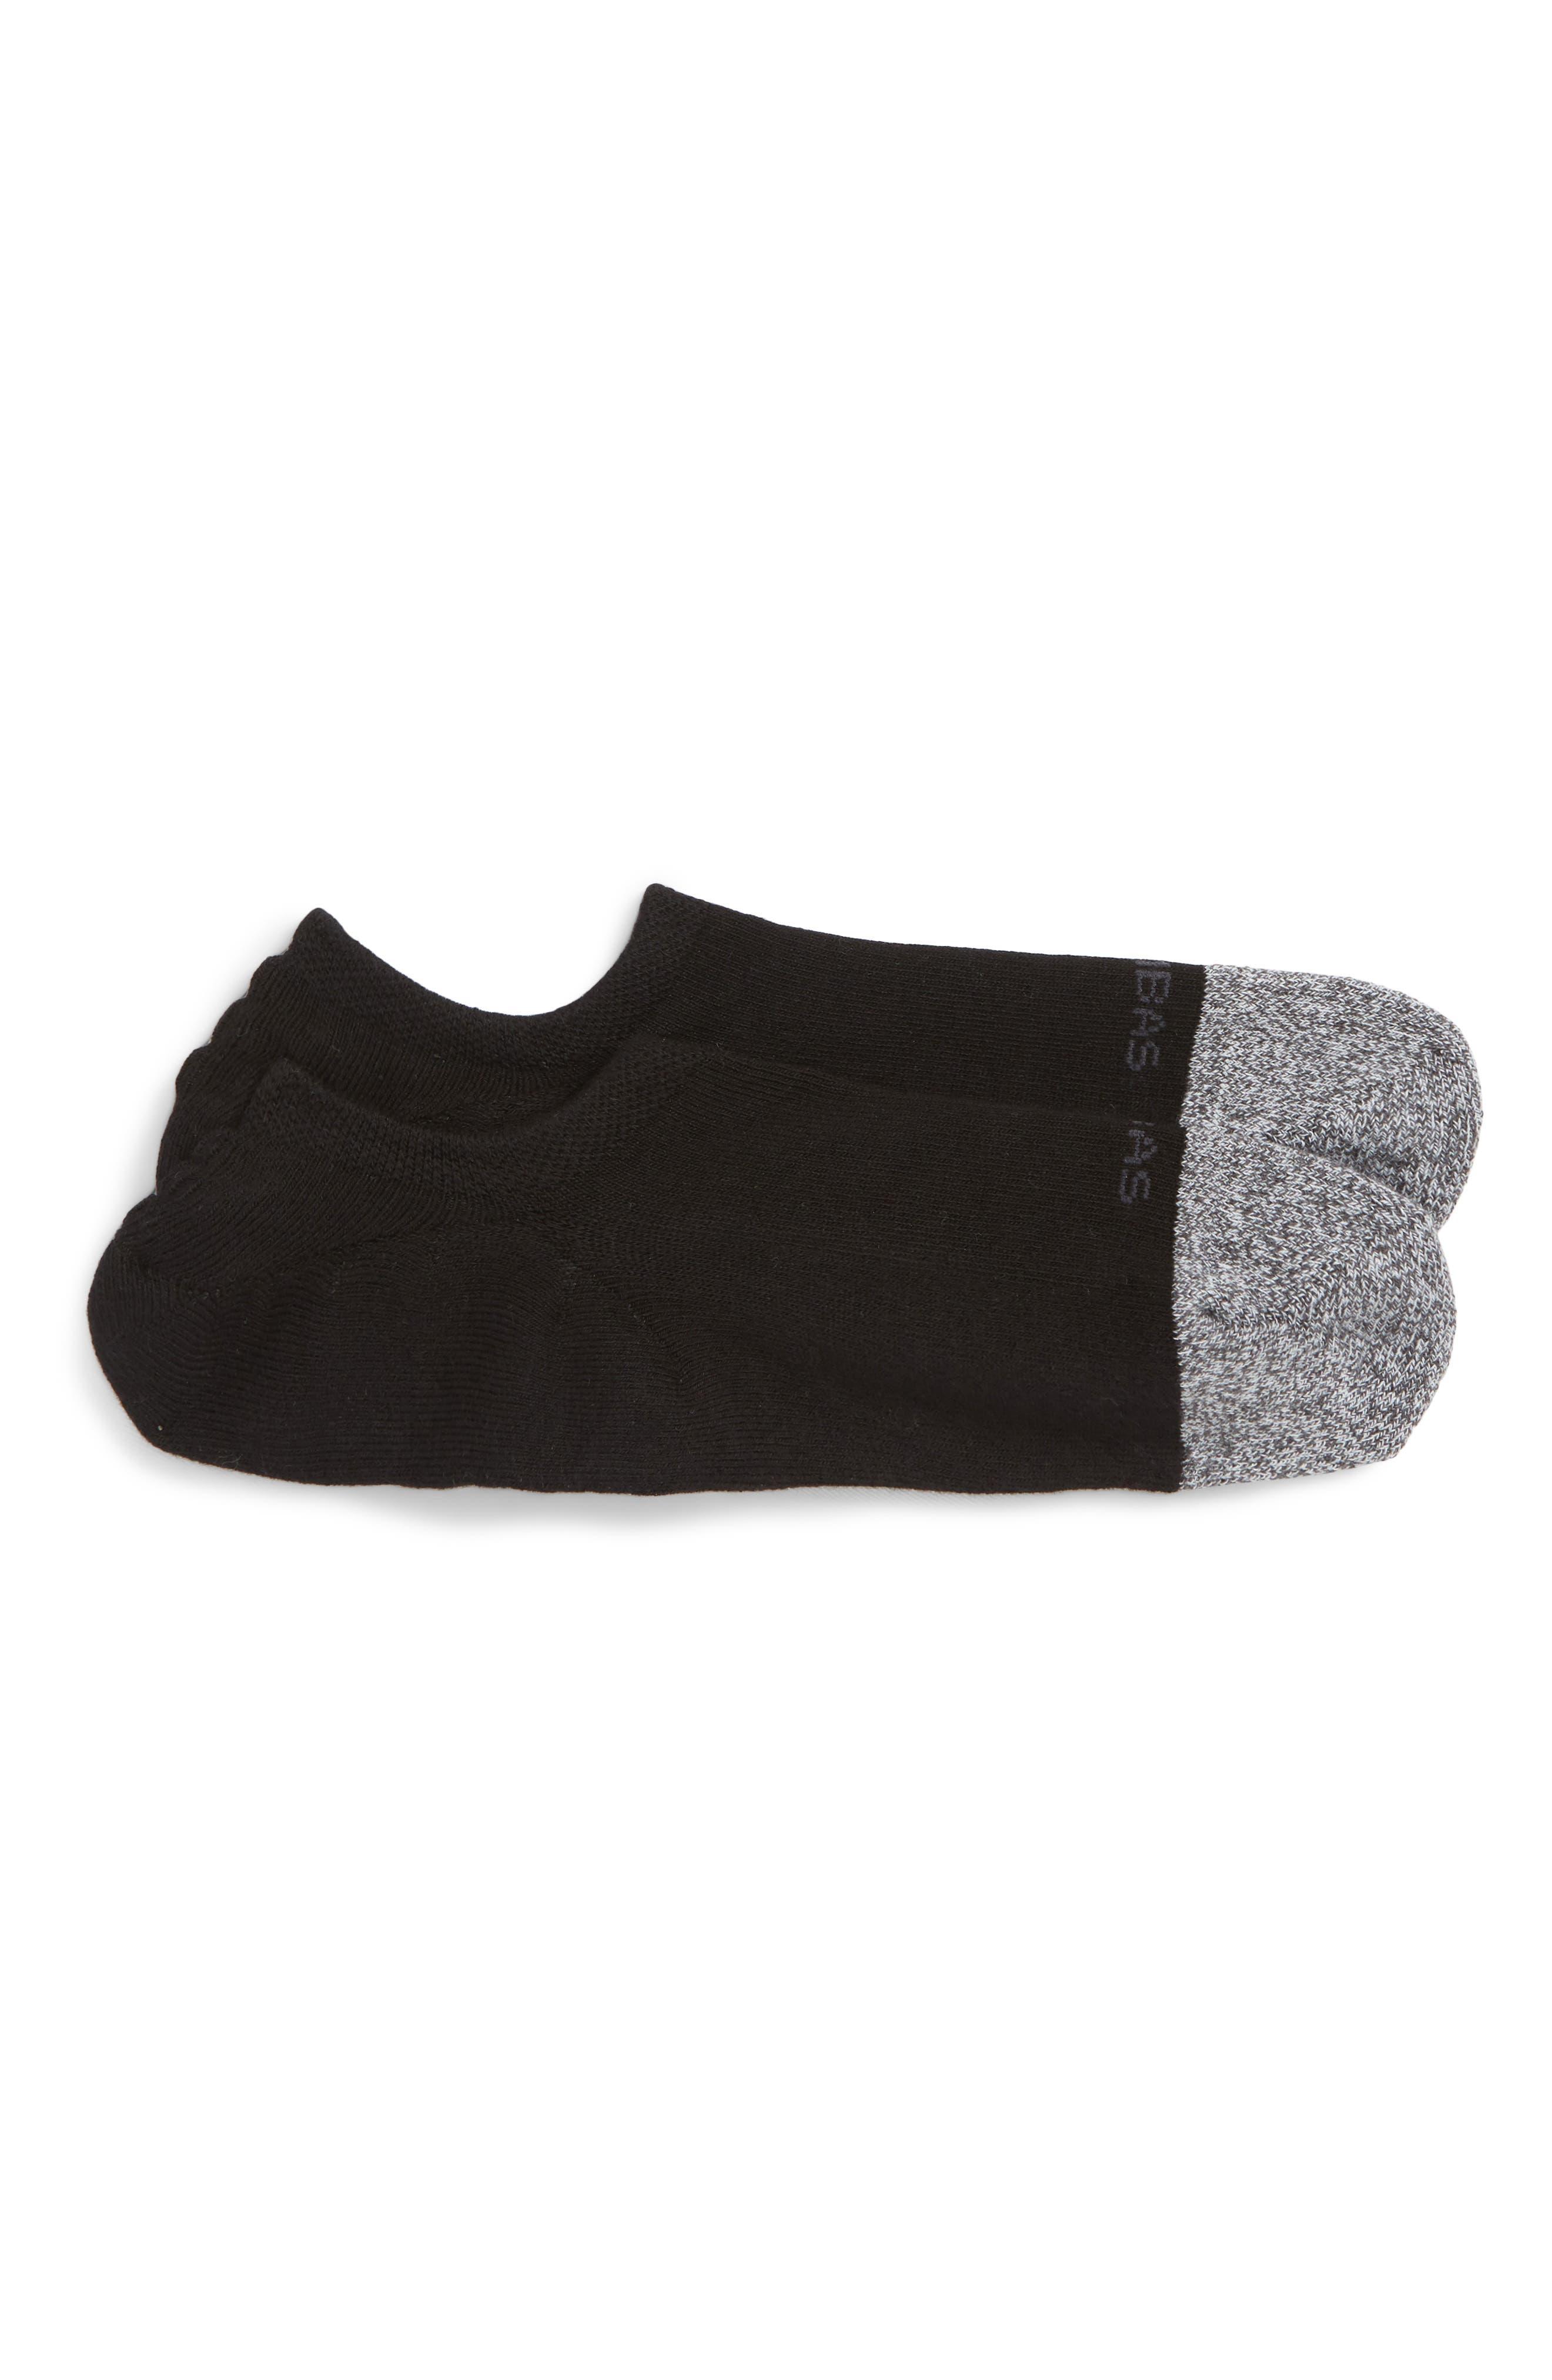 Cushioned No-Show Socks,                             Main thumbnail 1, color,                             BLACK